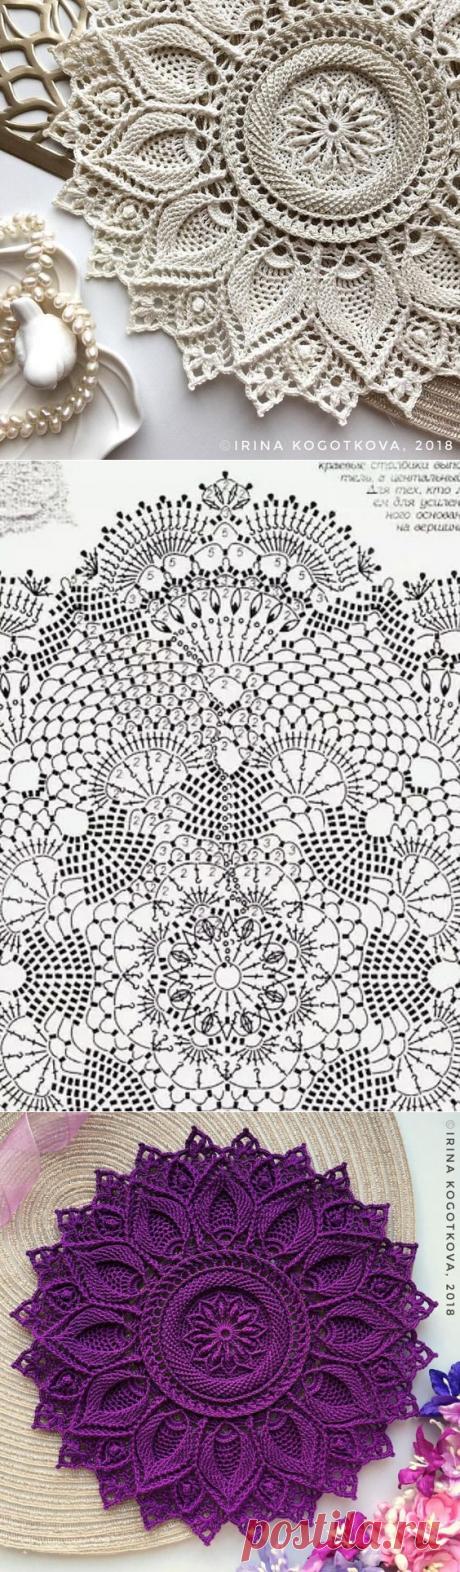 Фактурная салфетка крючком - Красивое вязание